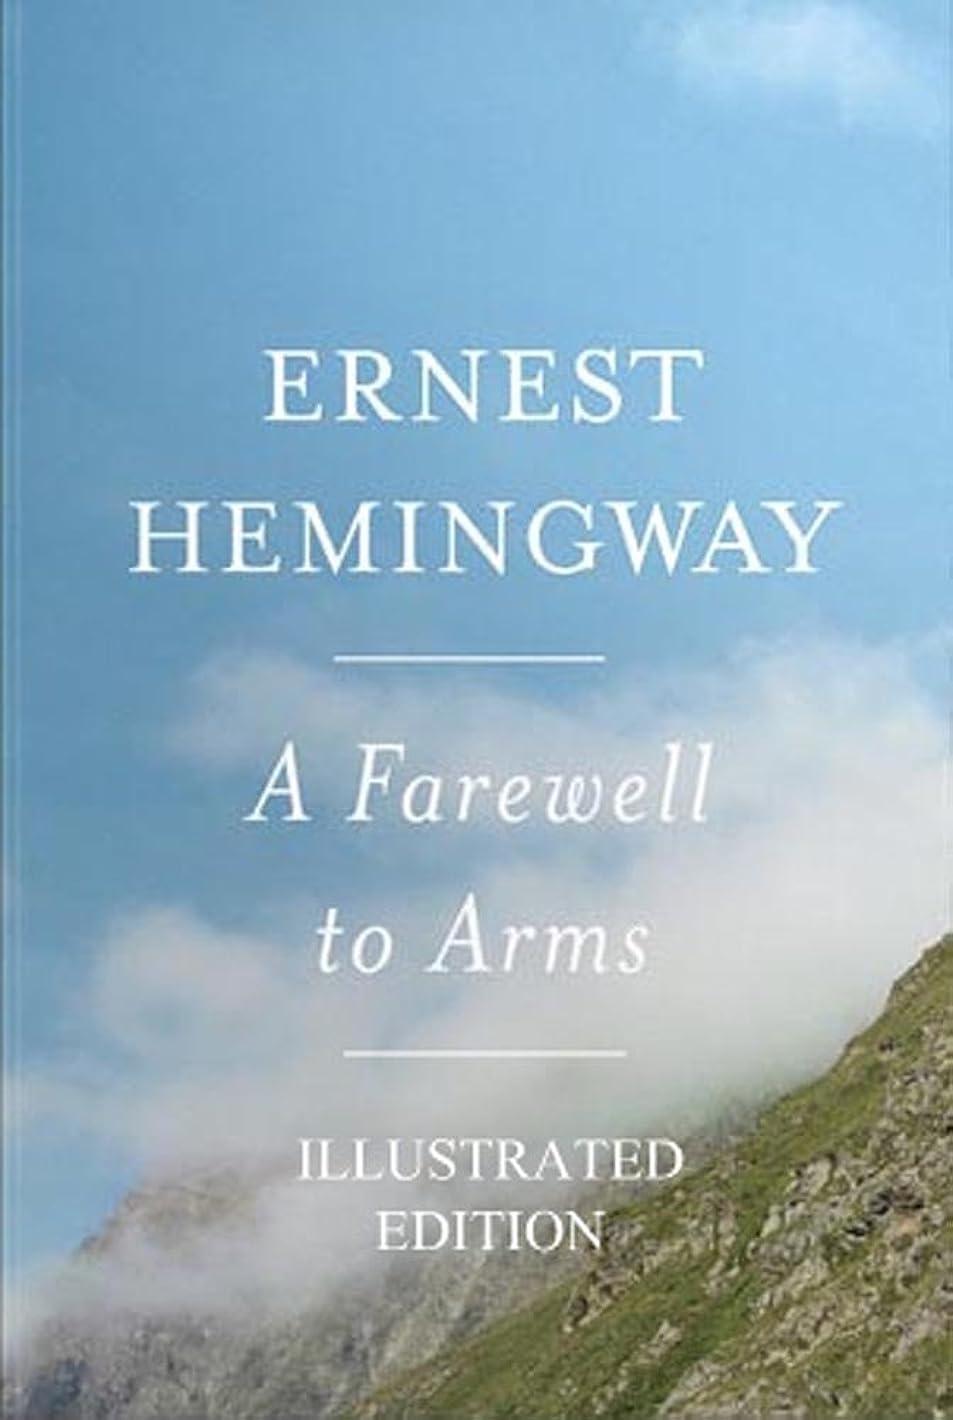 商業のホイットニー静かにA Farewell to Arms (Illustrated Edition) (English Edition)